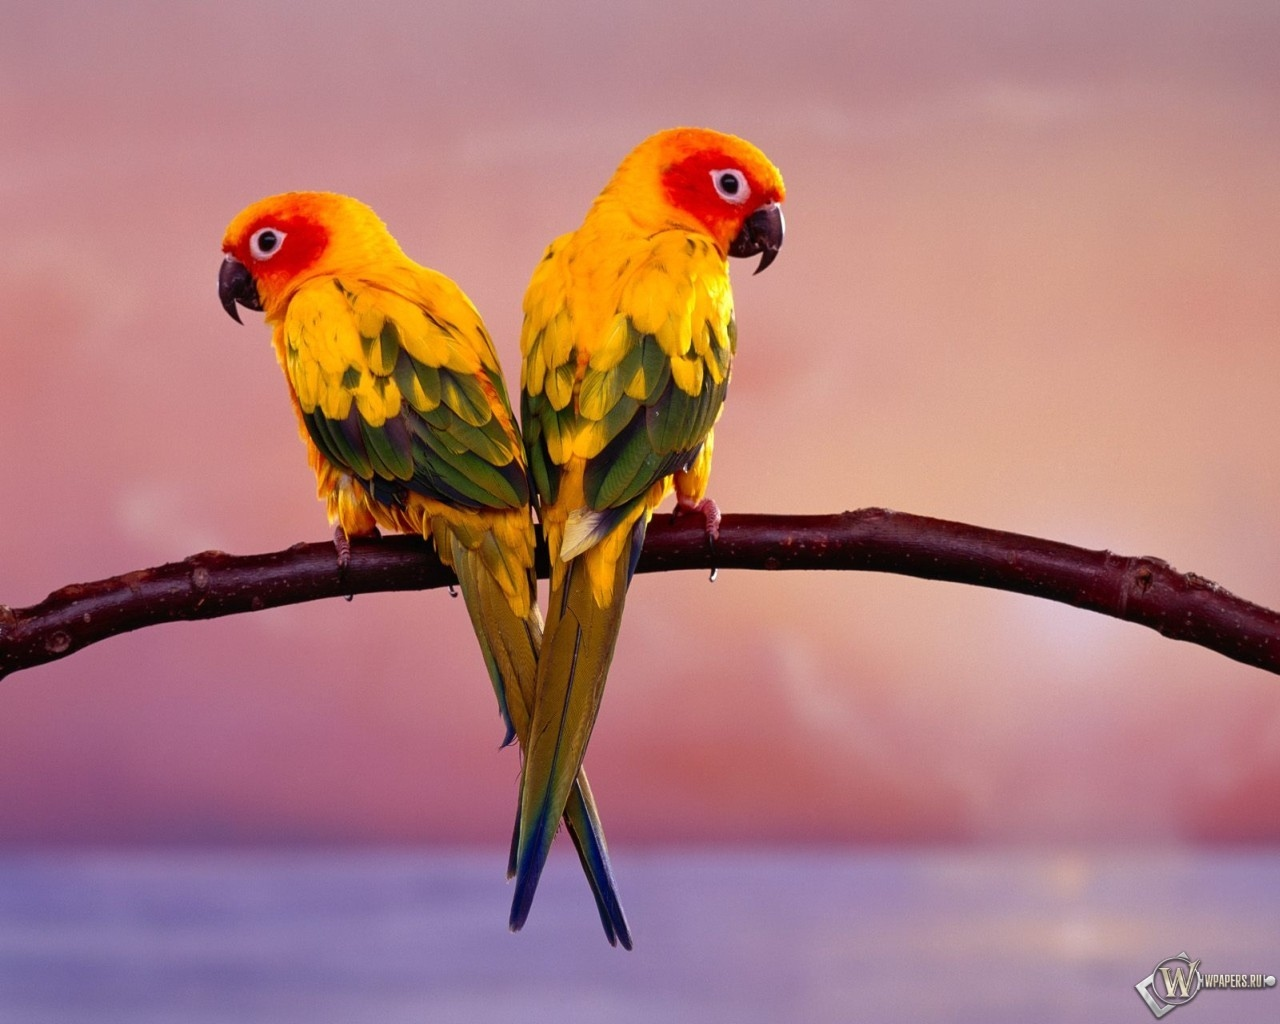 Два попугая 1280x1024